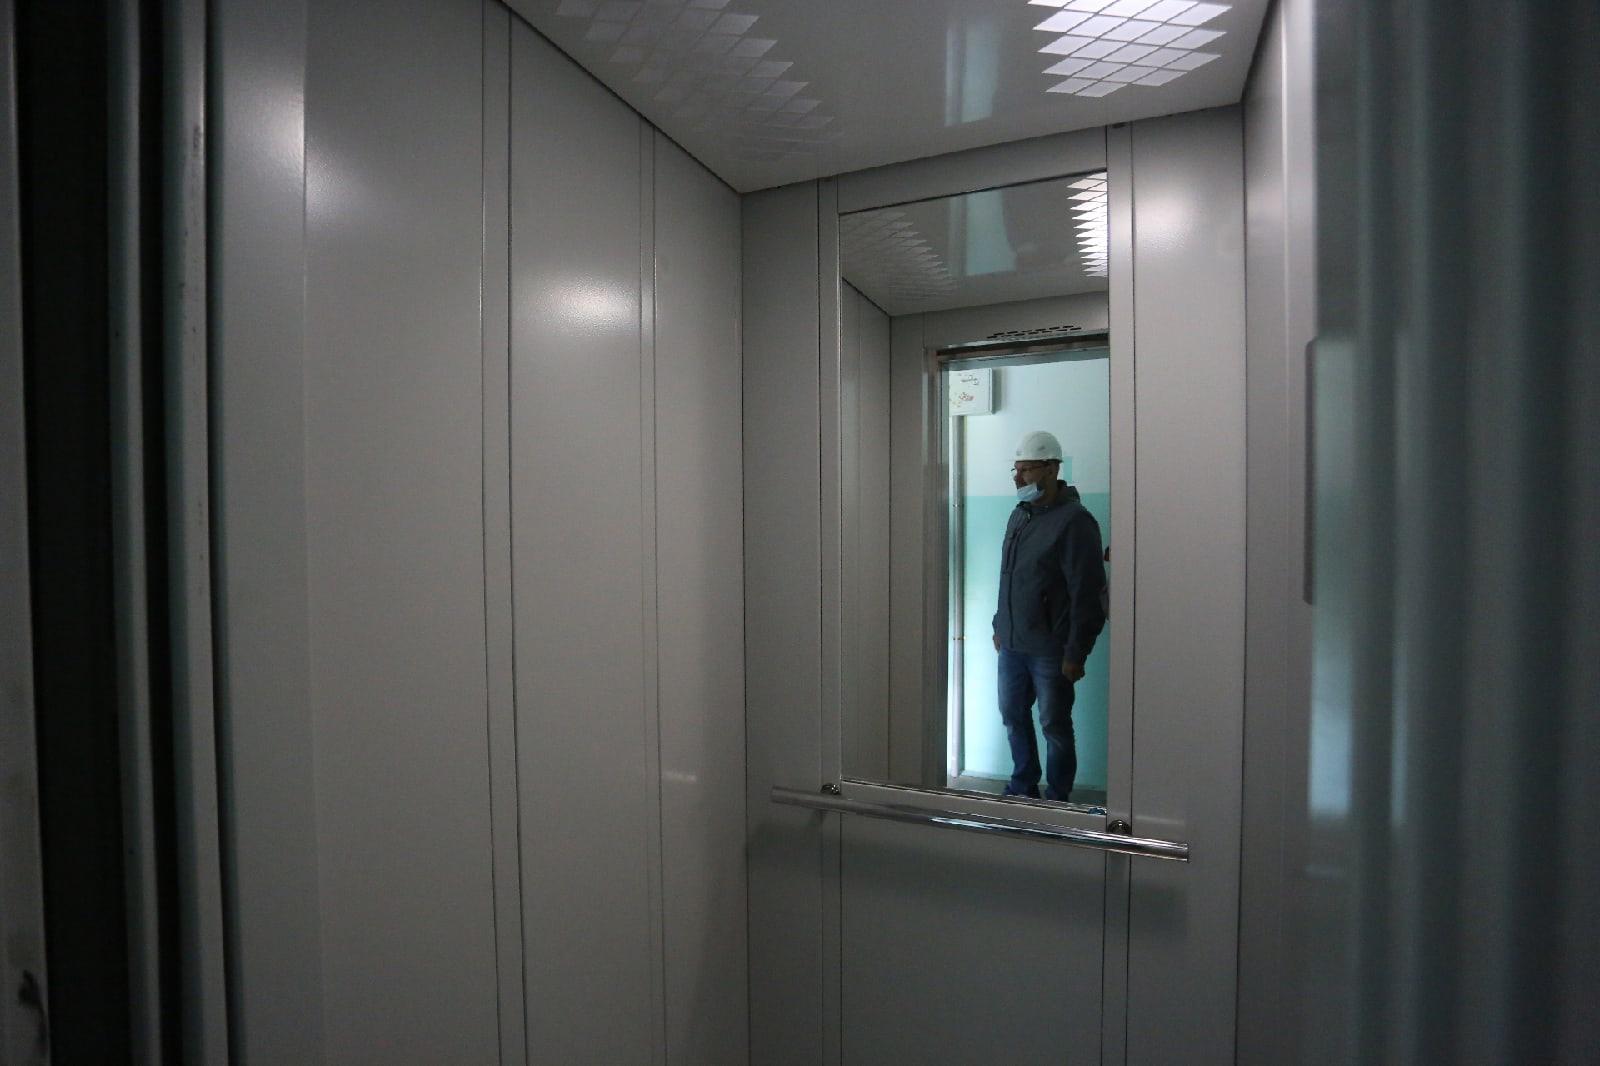 фото Опасный лифт заменили в многоэтажке на Лесосечной в Новосибирске 4